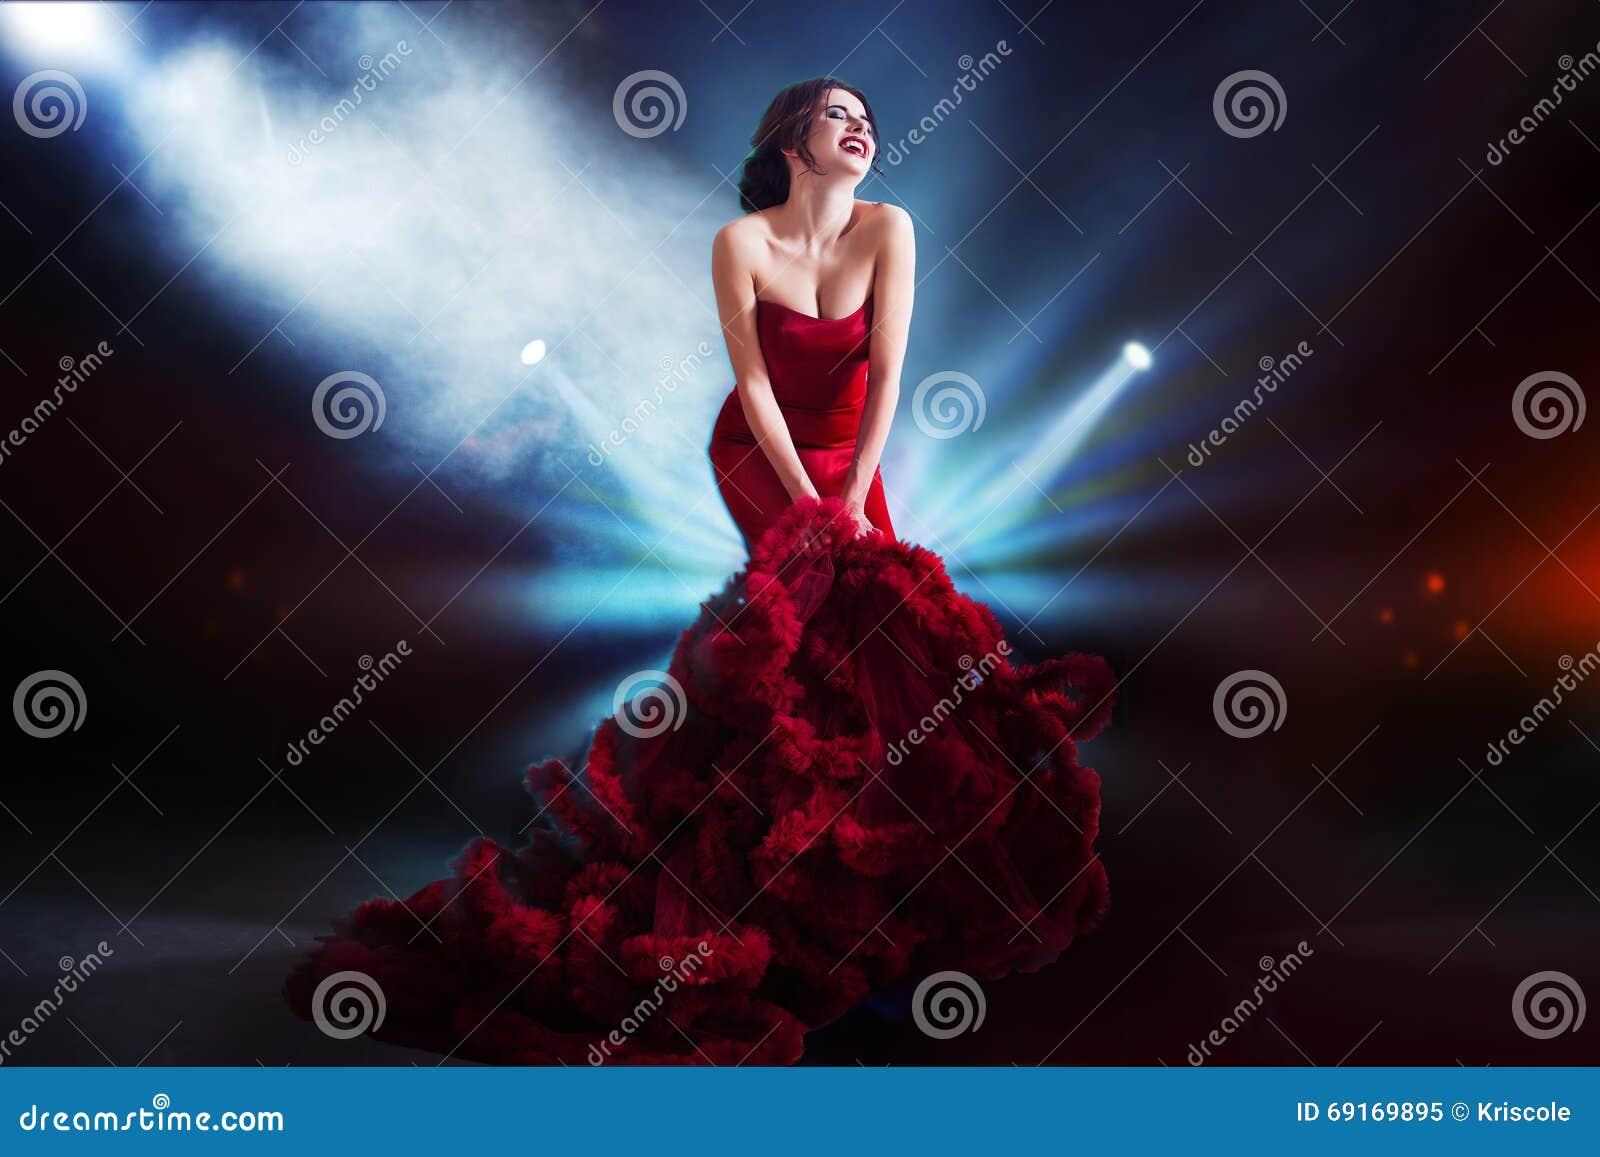 Πρότυπη γυναίκα Brunette ομορφιάς στο κόκκινο φόρεμα βραδιού Όμορφη πολυτέλεια μόδας makeup και hairstyle Σκοτεινό υπόβαθρο, φως